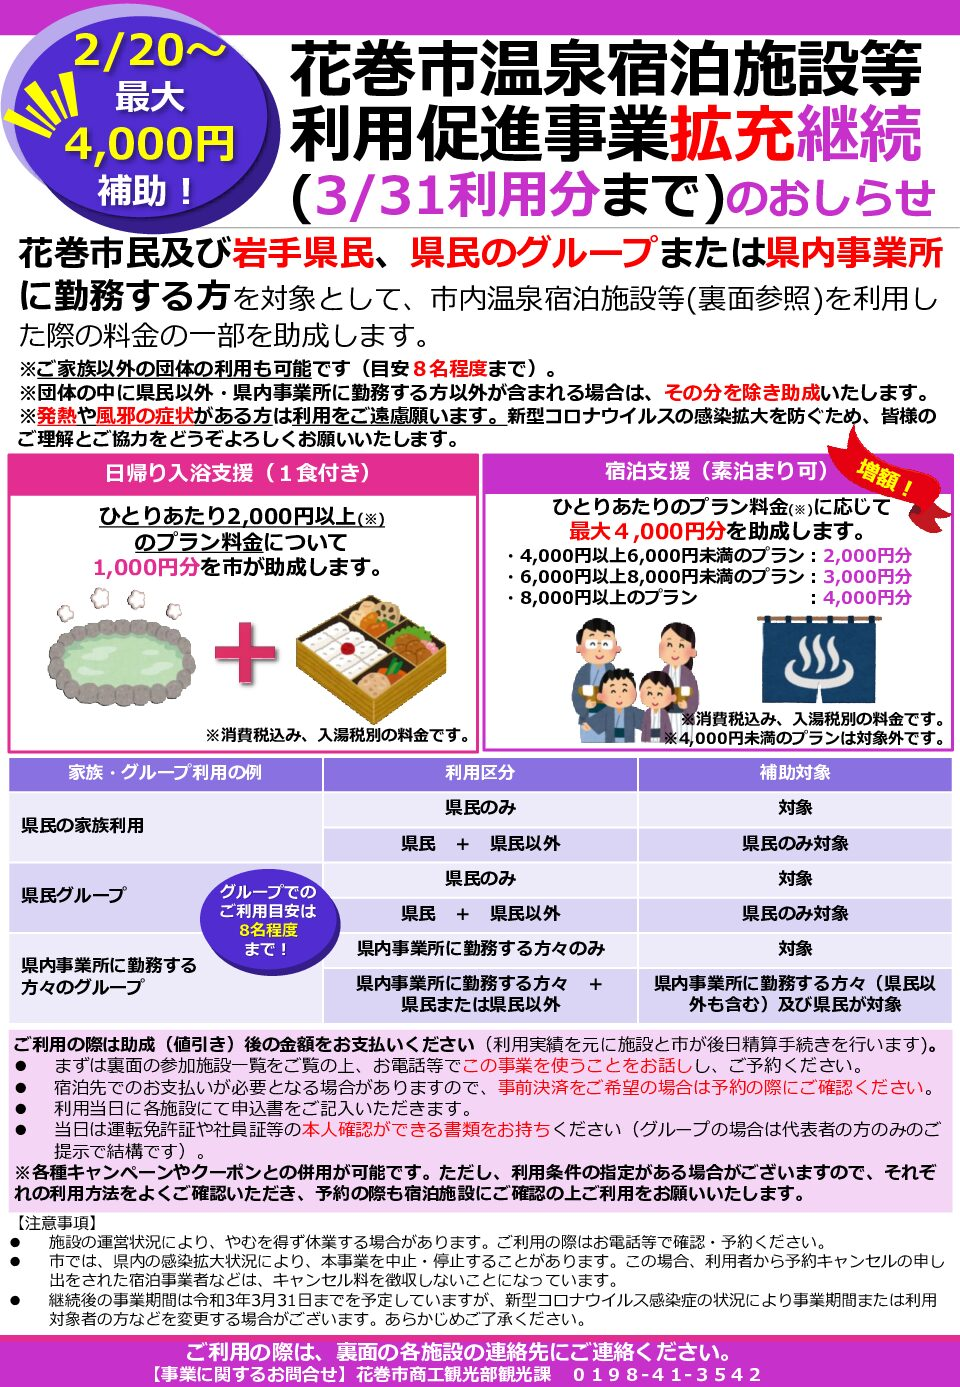 ☆花巻市助成金3/31まで延長☆4000円引き